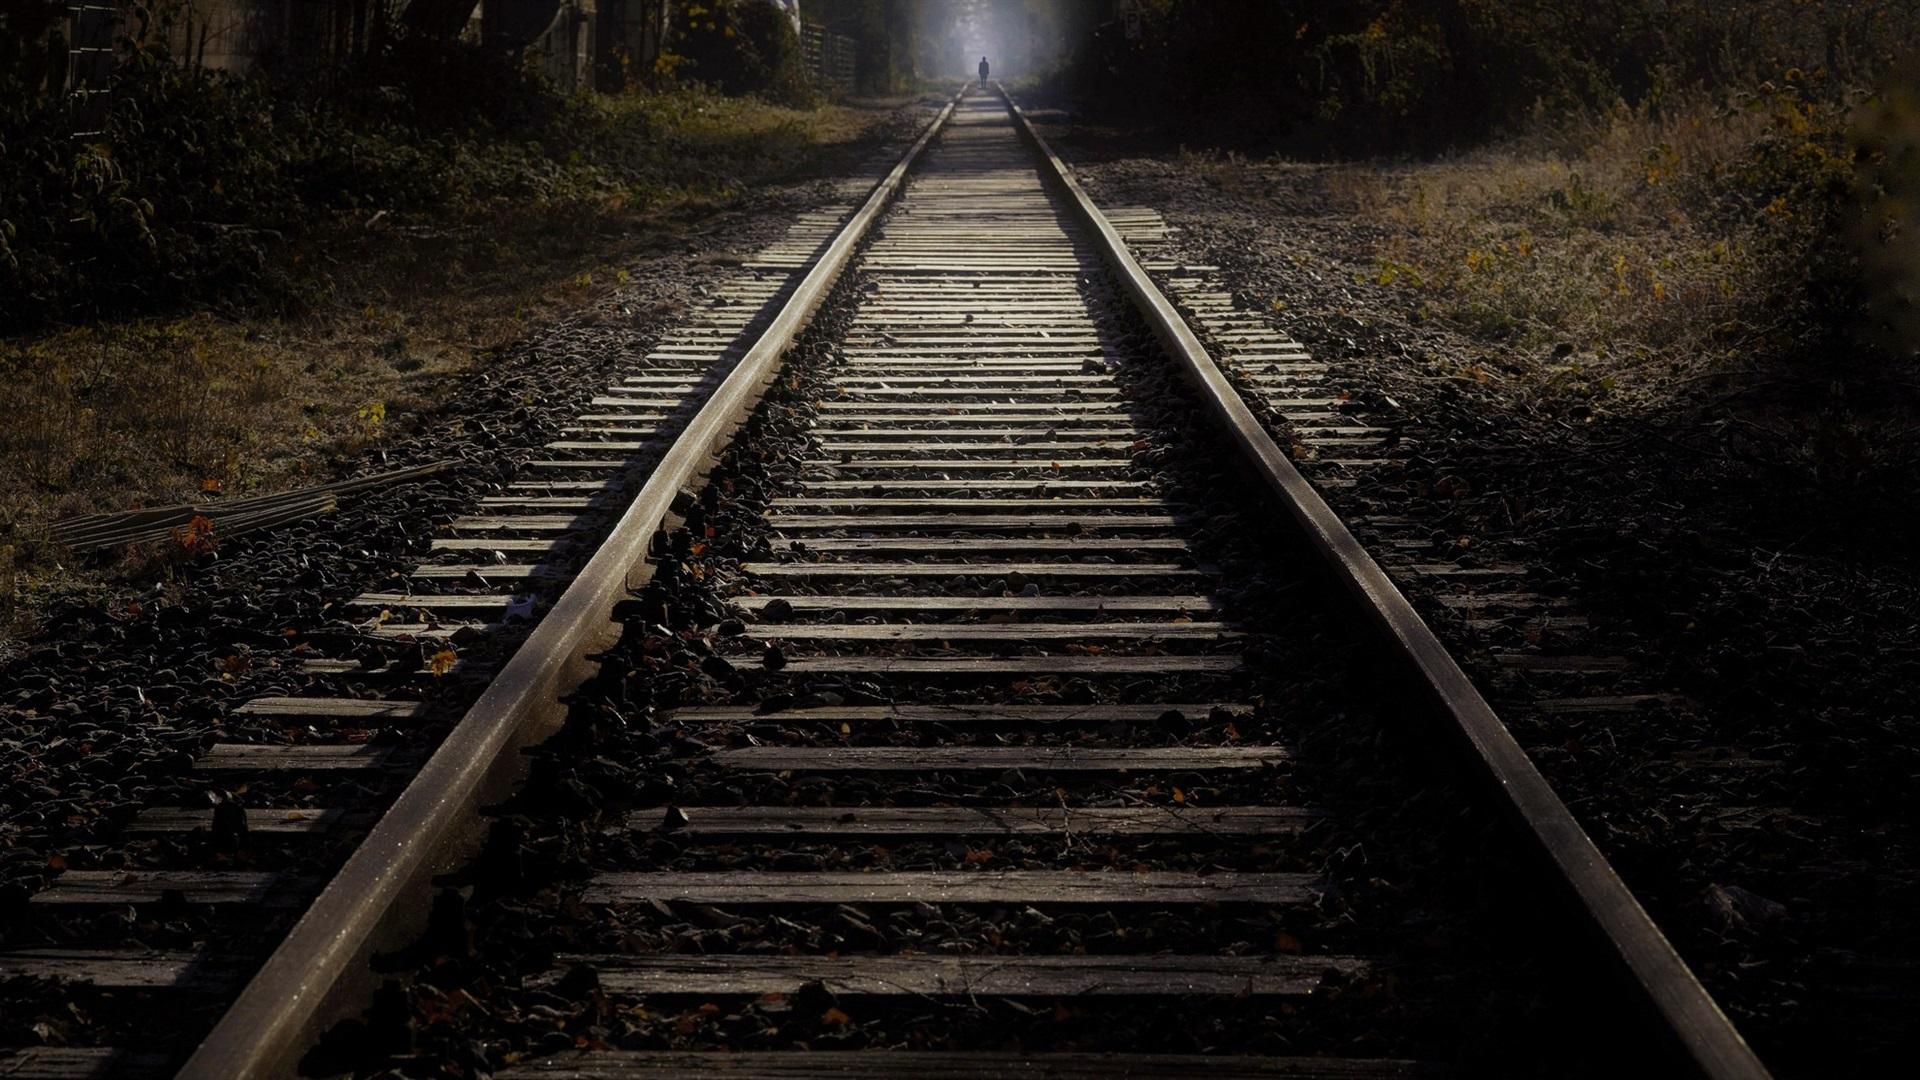 слух том, картинки темный фон лес железная дорога его мощные струи